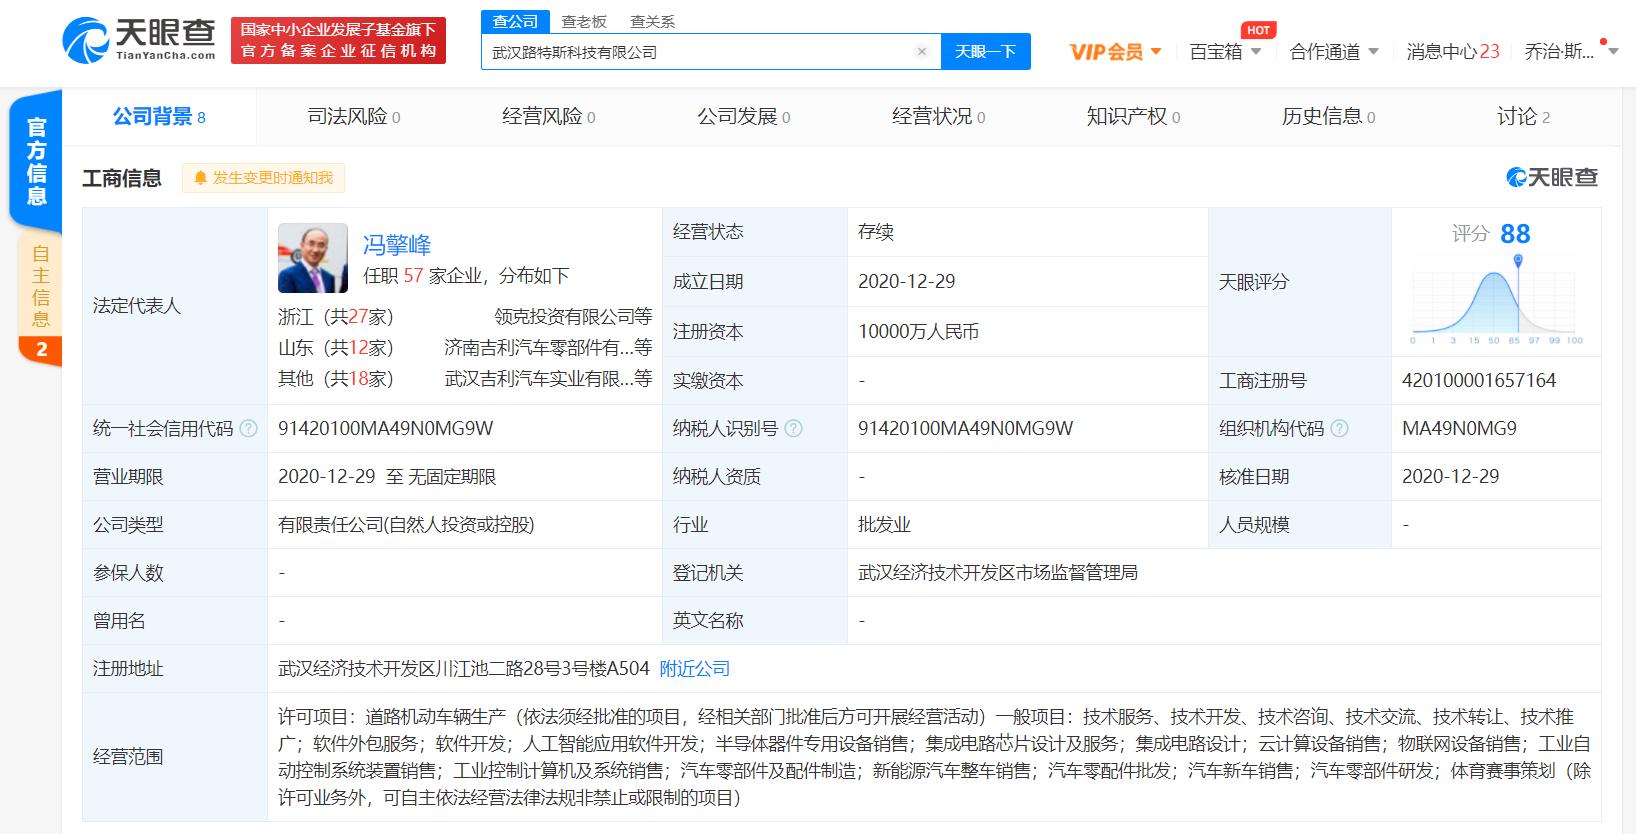 usdt不用实名买卖(caibao.it):吉祥控股关联公司建立子公司 经营范围含人工智能软件开发等 第2张